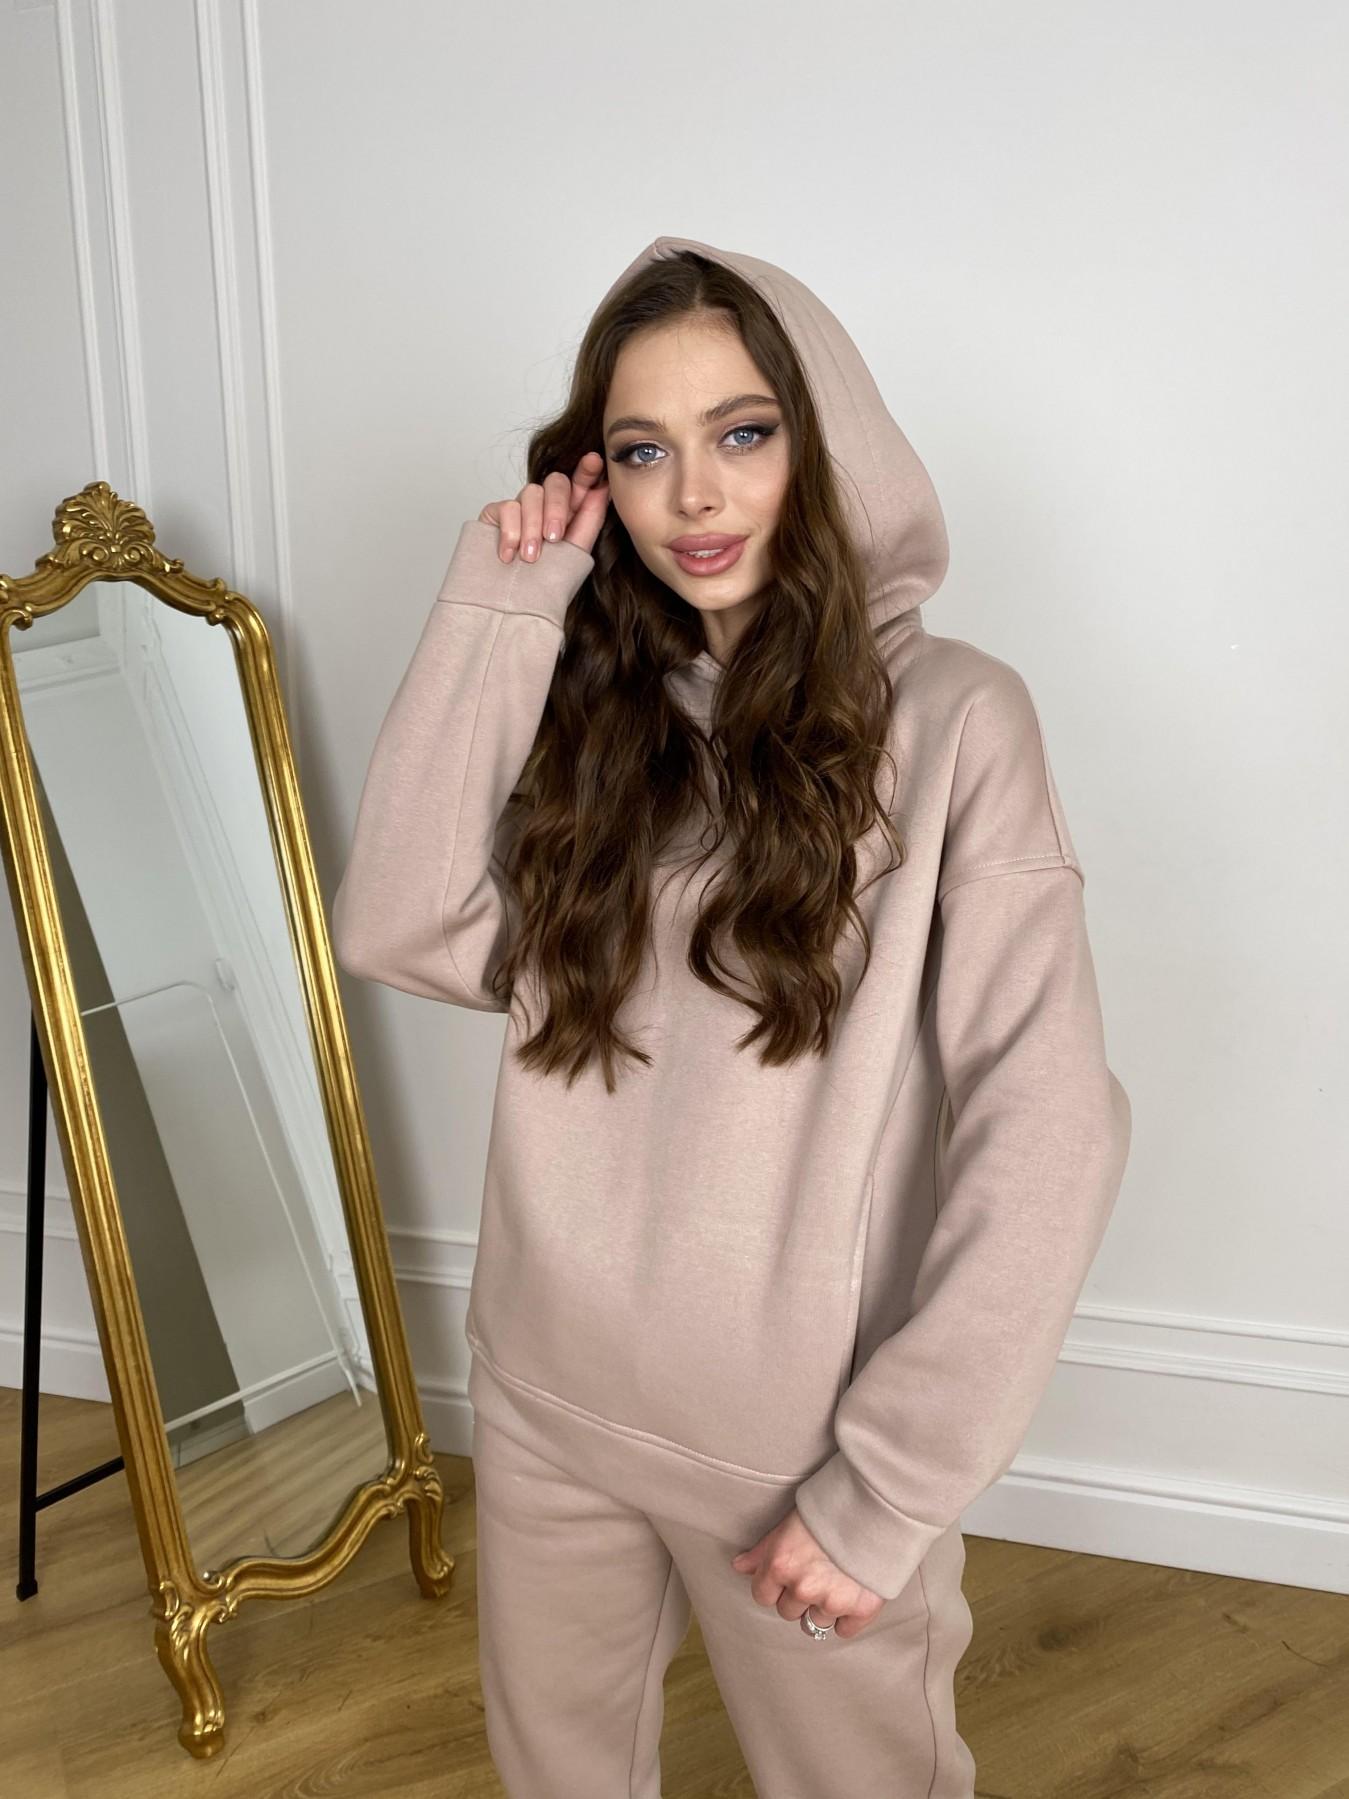 МДС Hot костюм с начесом 3х нитка  10519 АРТ. 46871 Цвет: Кофе - фото 1, интернет магазин tm-modus.ru